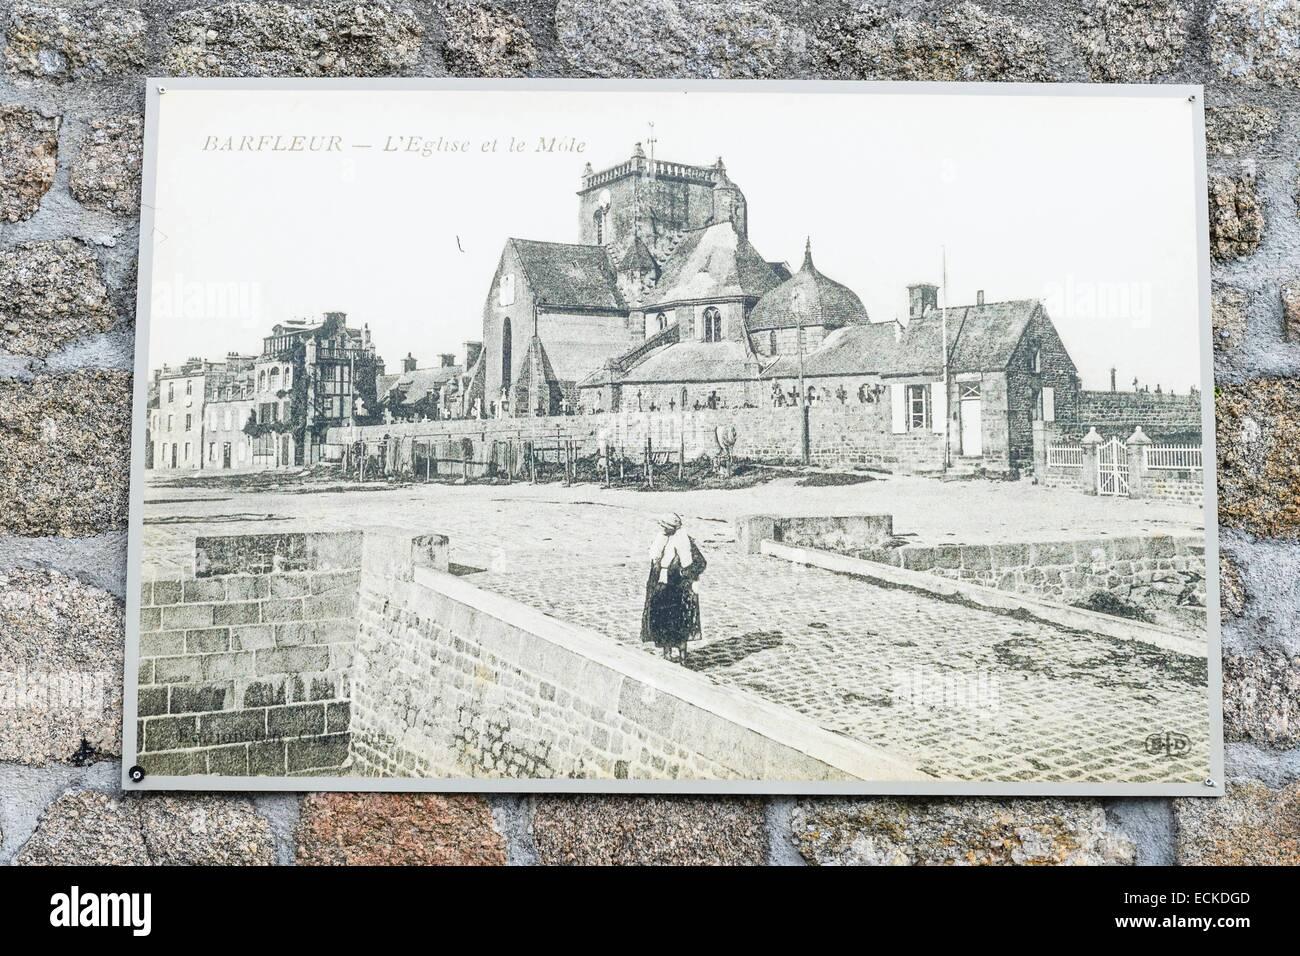 Francia, Manche, Cotentin, Barfleur, etiquetados Les Plus Beaux aldeas de France (Los pueblos más bellos de Francia), archivo de fotos junto al puerto Foto de stock